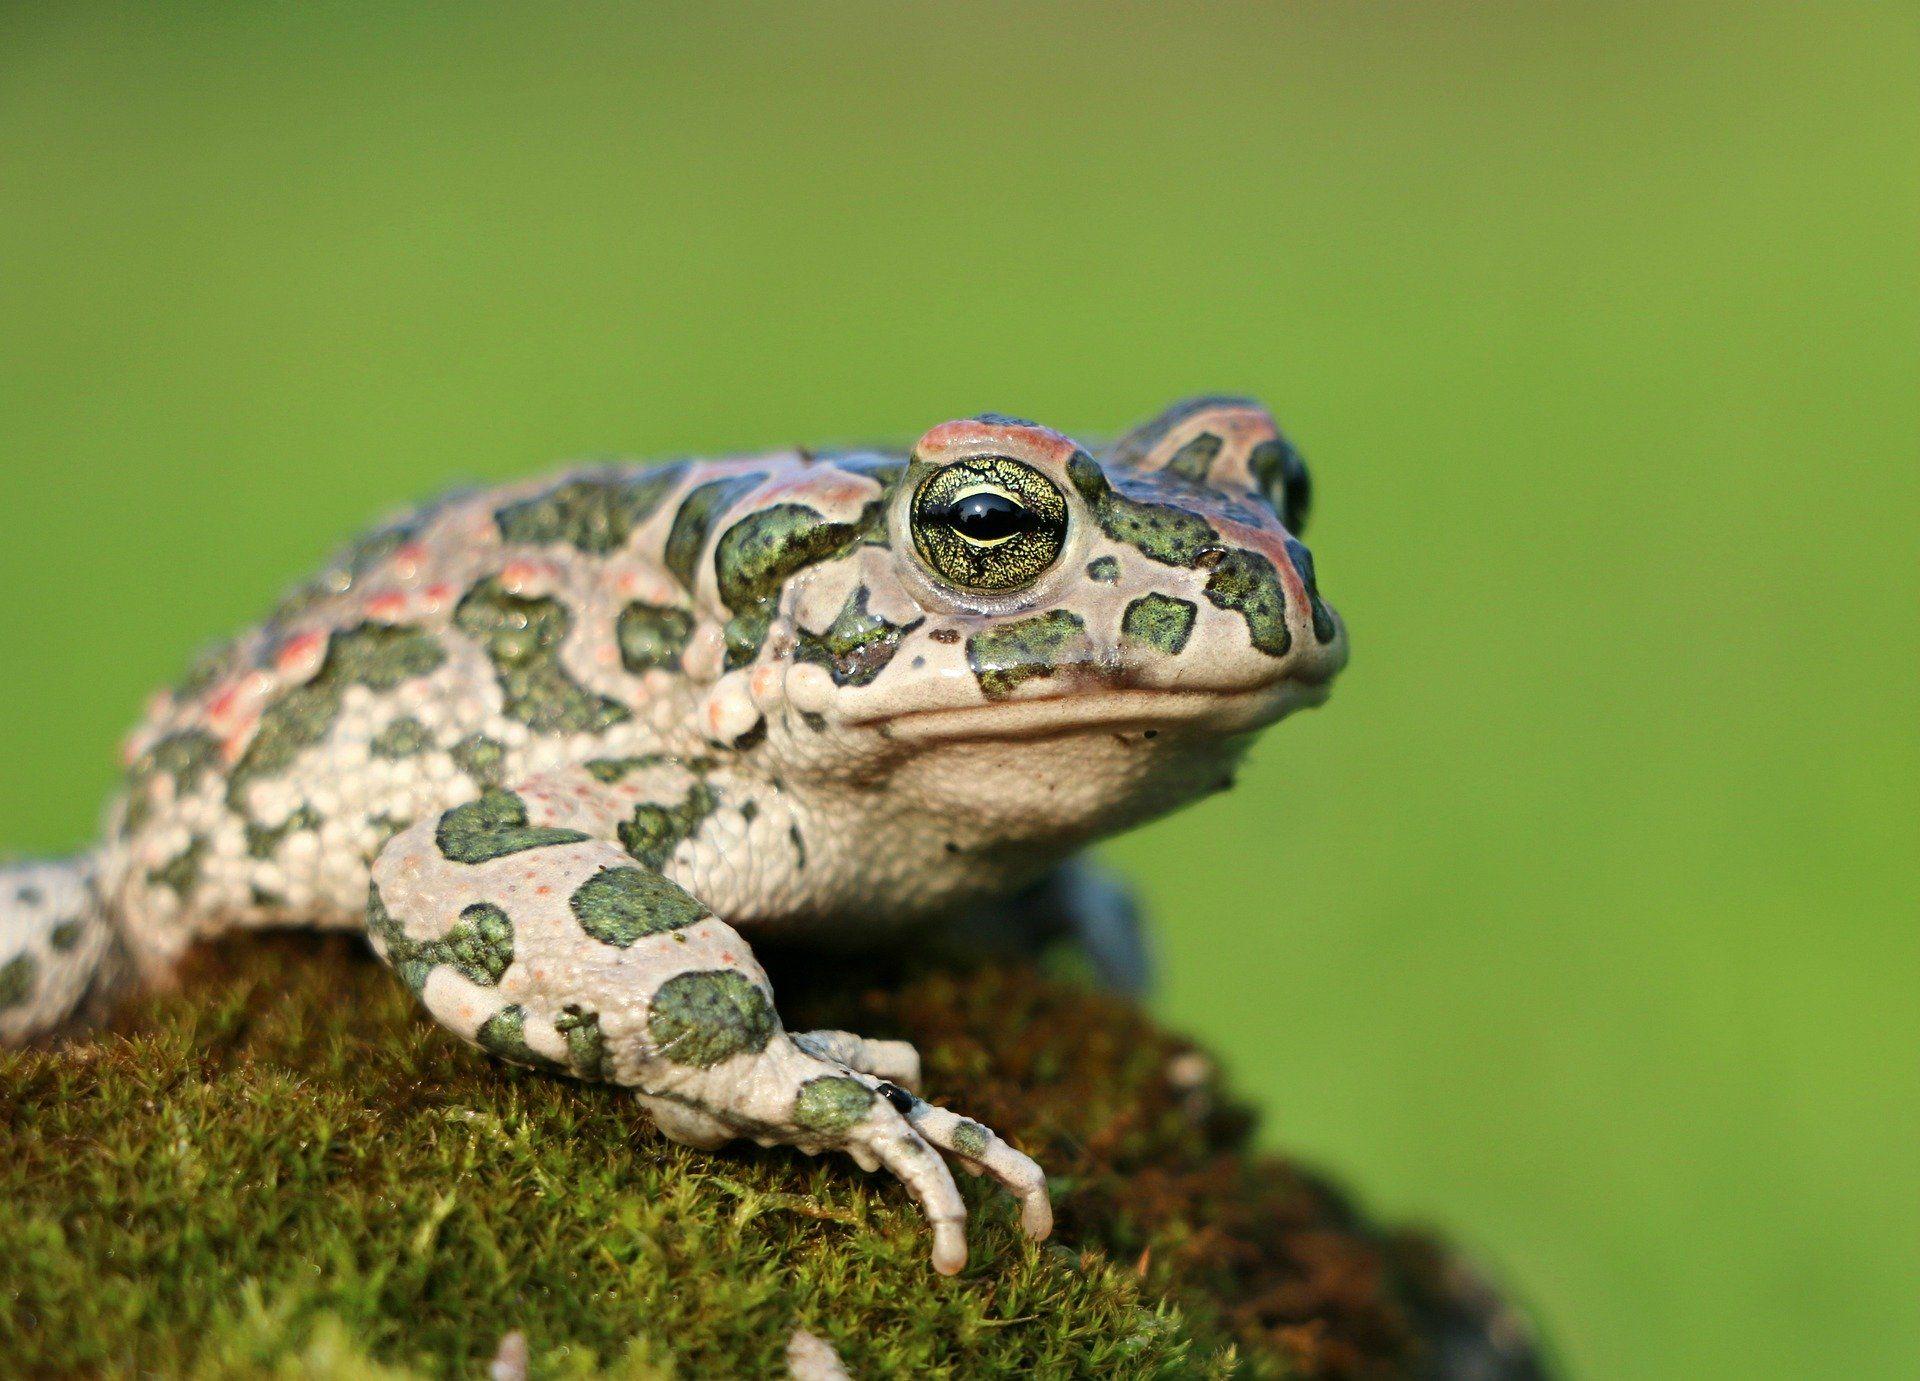 Скачать красивое фото жабы в хорошем качестве